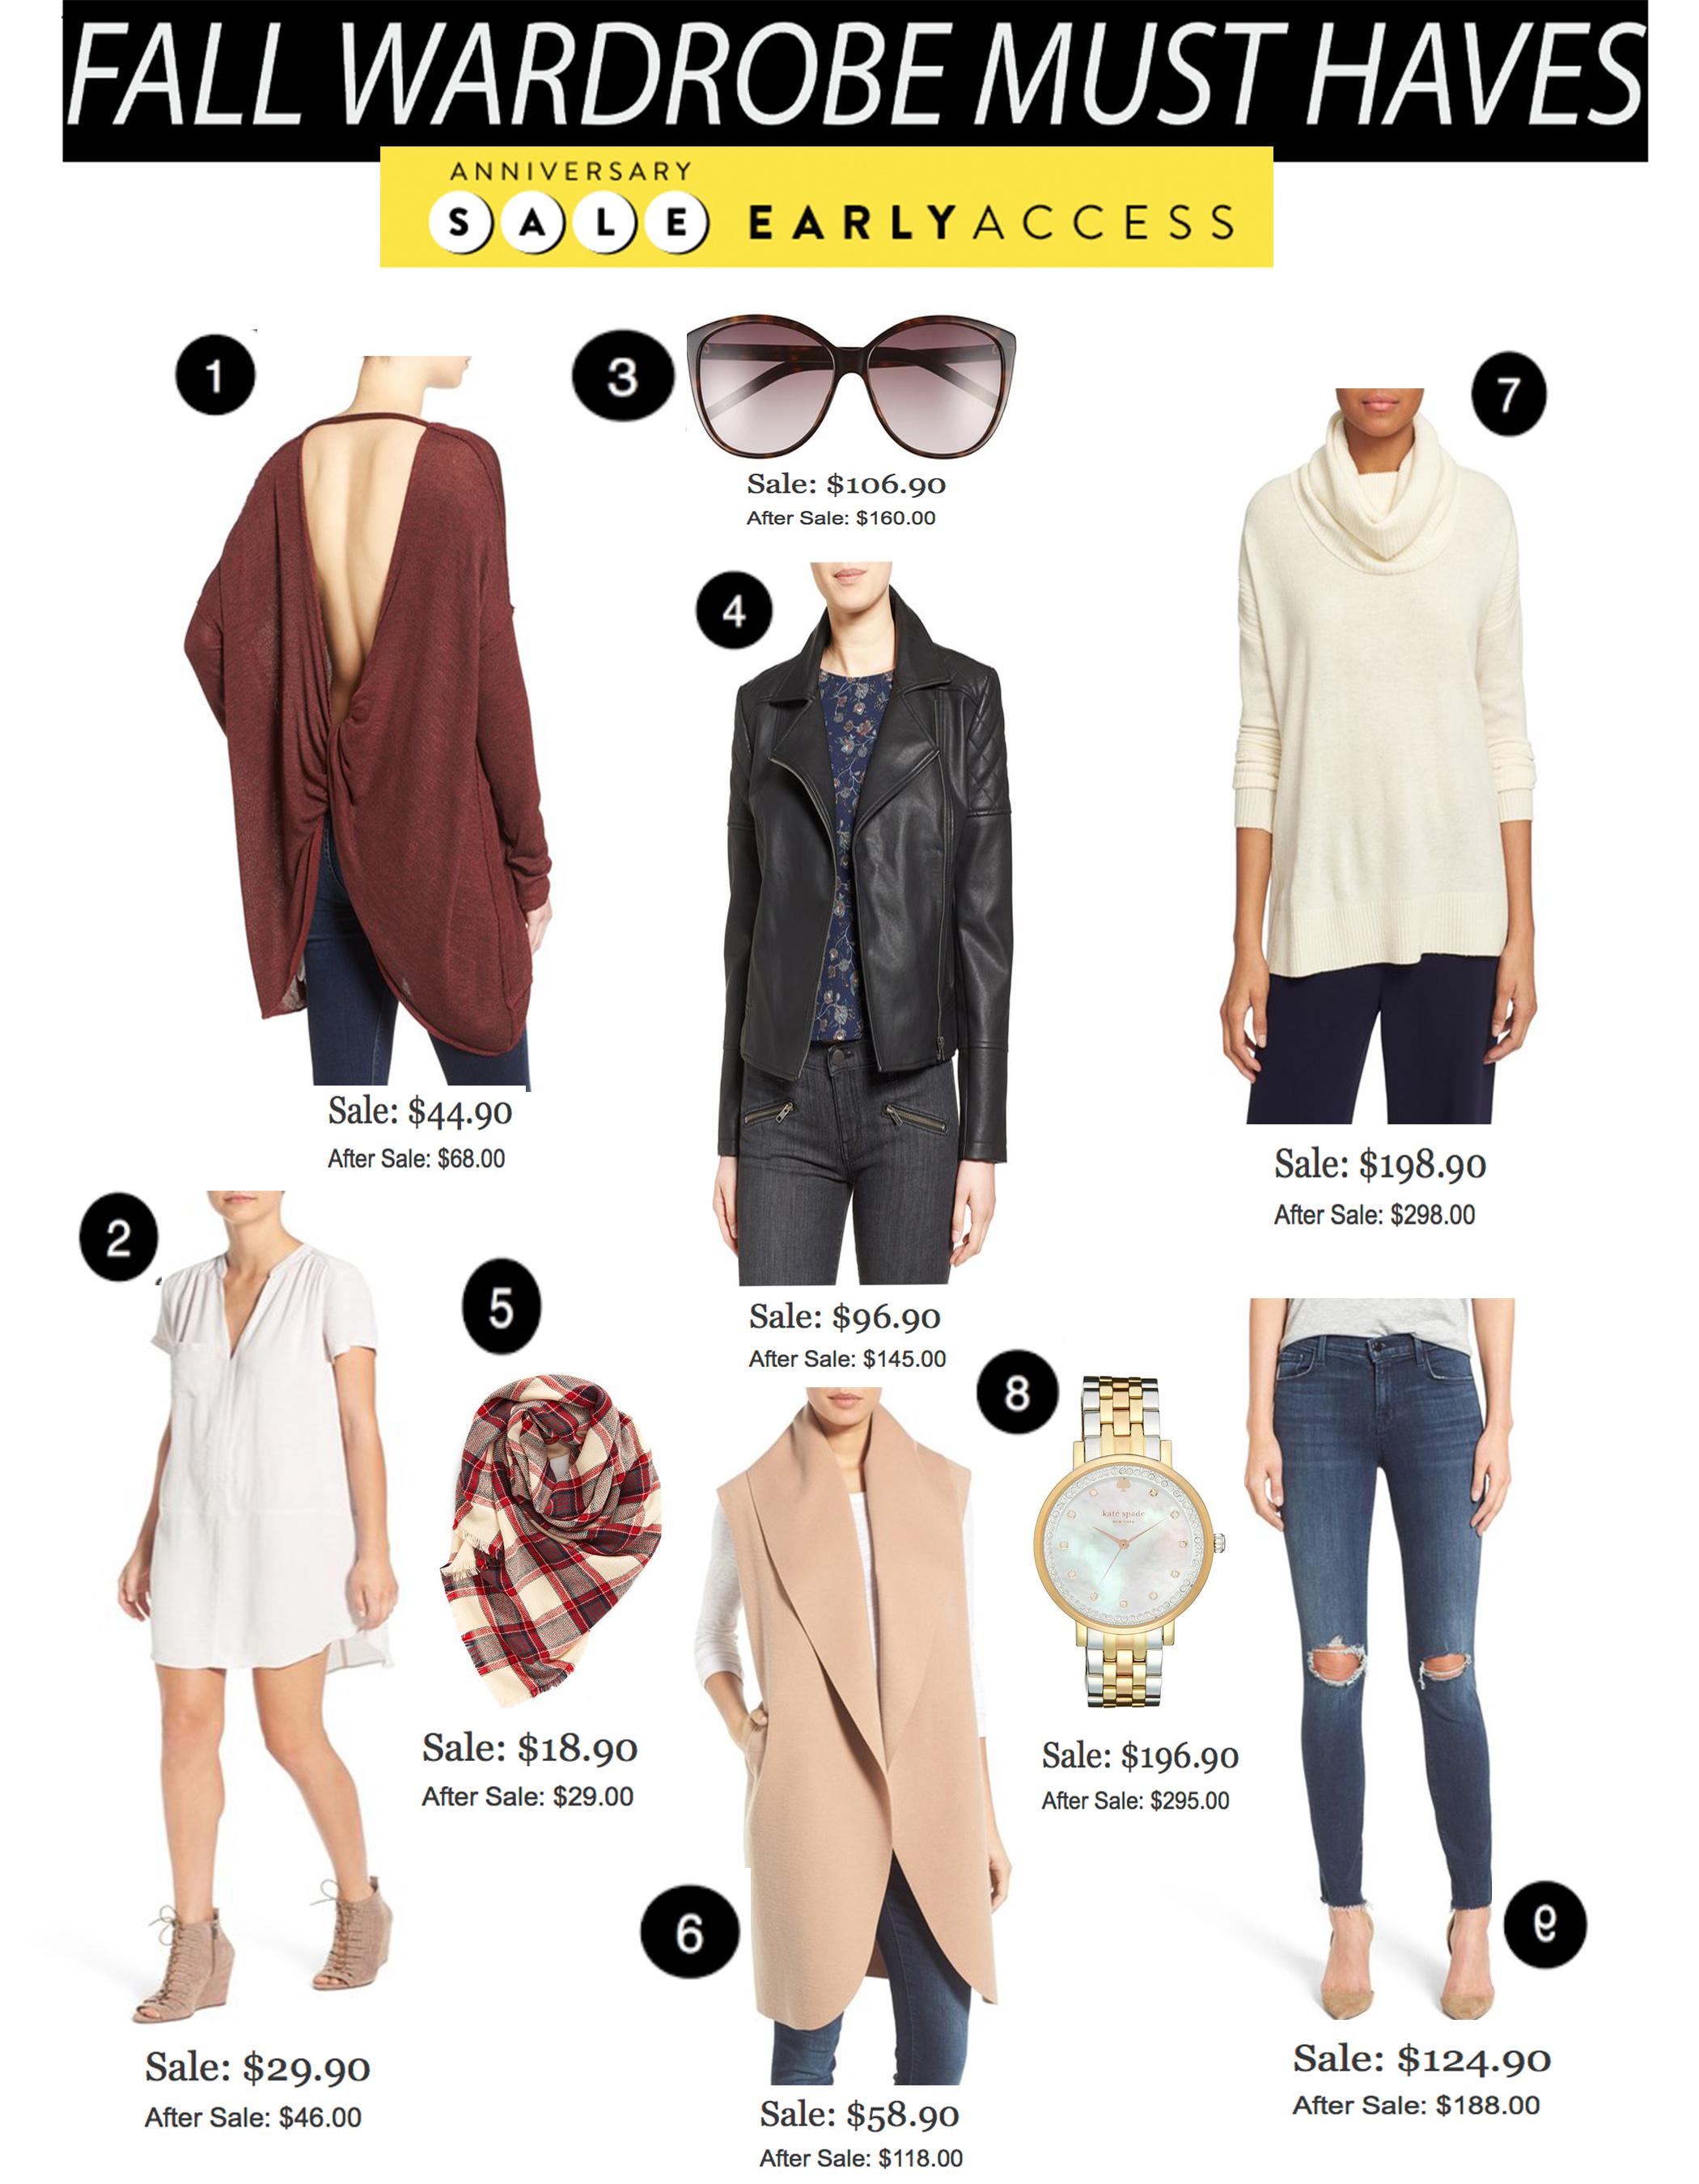 Fall Wardrobe Musthaves